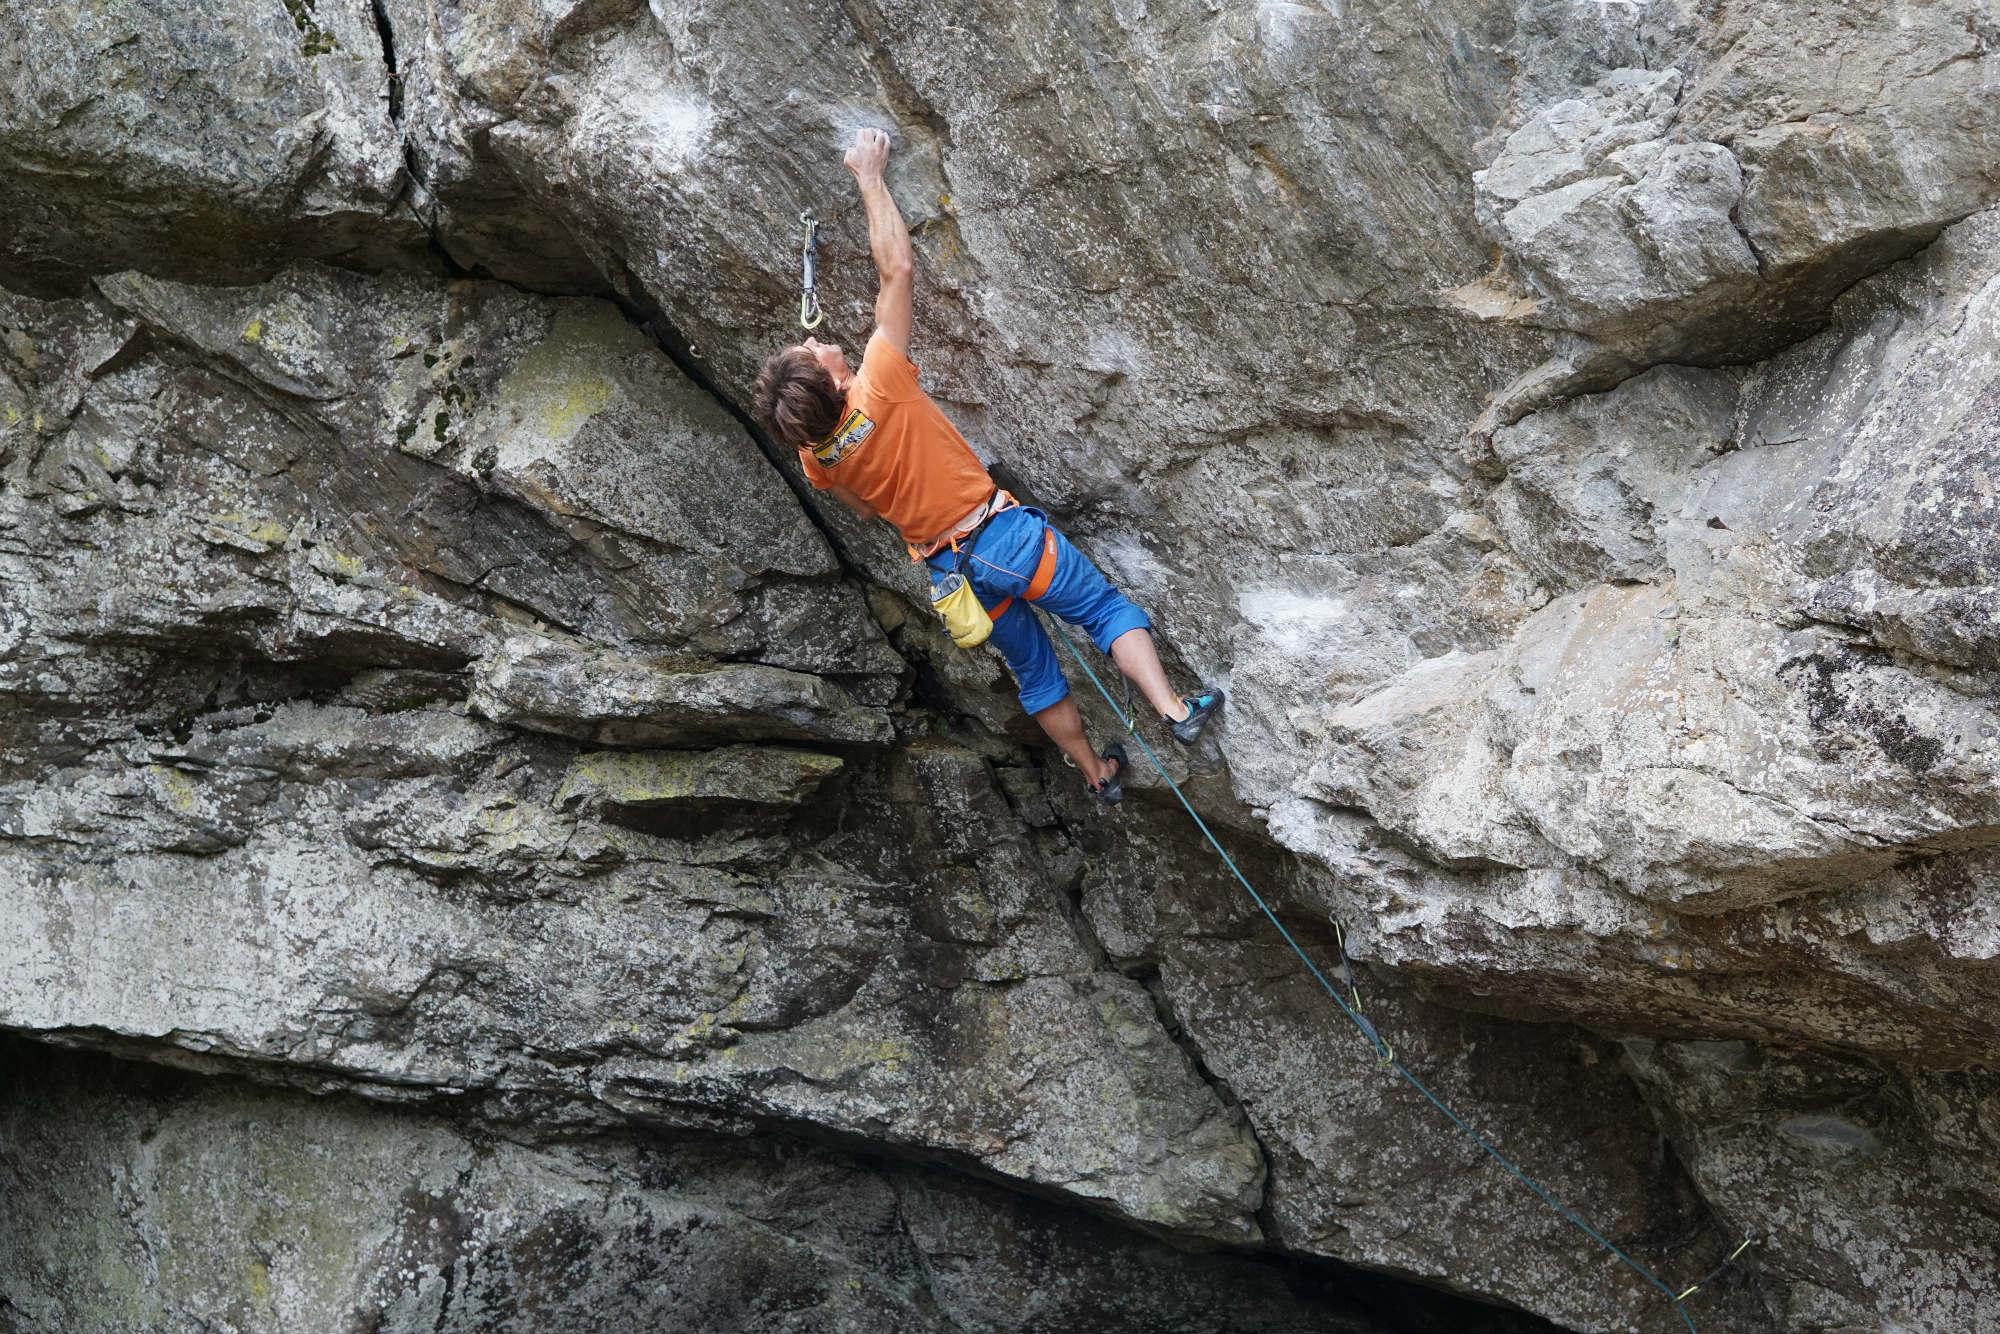 Klettergurt Für Halle Und Klettersteig : Sitzt passt hat luft klettergurt richtig anpassen bei klettern